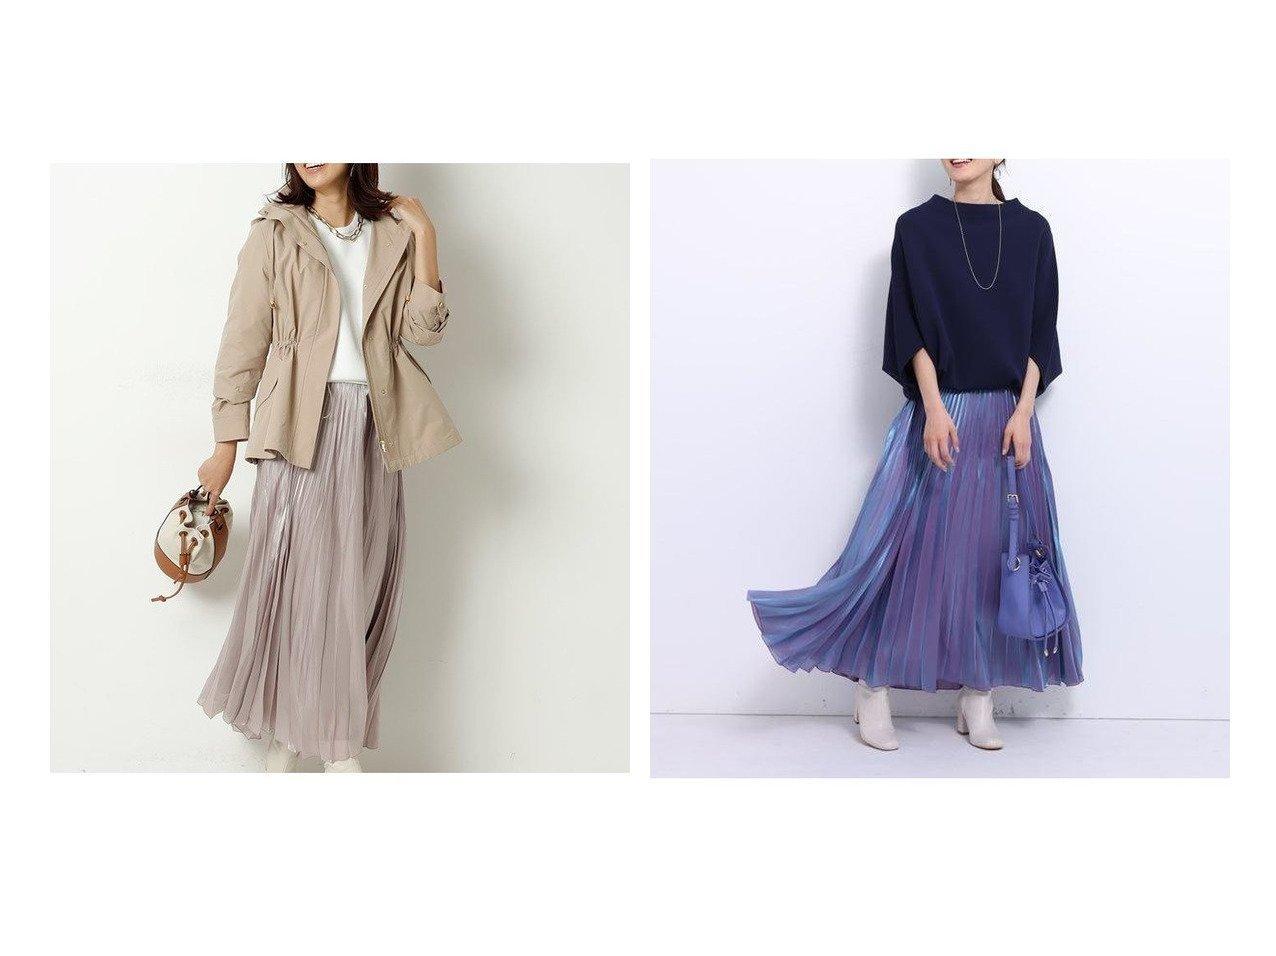 【JUSGLITTY/ジャスグリッティー】のエアリーカラープリーツスカート 【スカート】おすすめ!人気、トレンド・レディースファッションの通販  おすすめで人気の流行・トレンド、ファッションの通販商品 メンズファッション・キッズファッション・インテリア・家具・レディースファッション・服の通販 founy(ファニー) https://founy.com/ ファッション Fashion レディースファッション WOMEN スカート Skirt プリーツスカート Pleated Skirts おすすめ Recommend プリーツ 春 Spring |ID:crp329100000025509